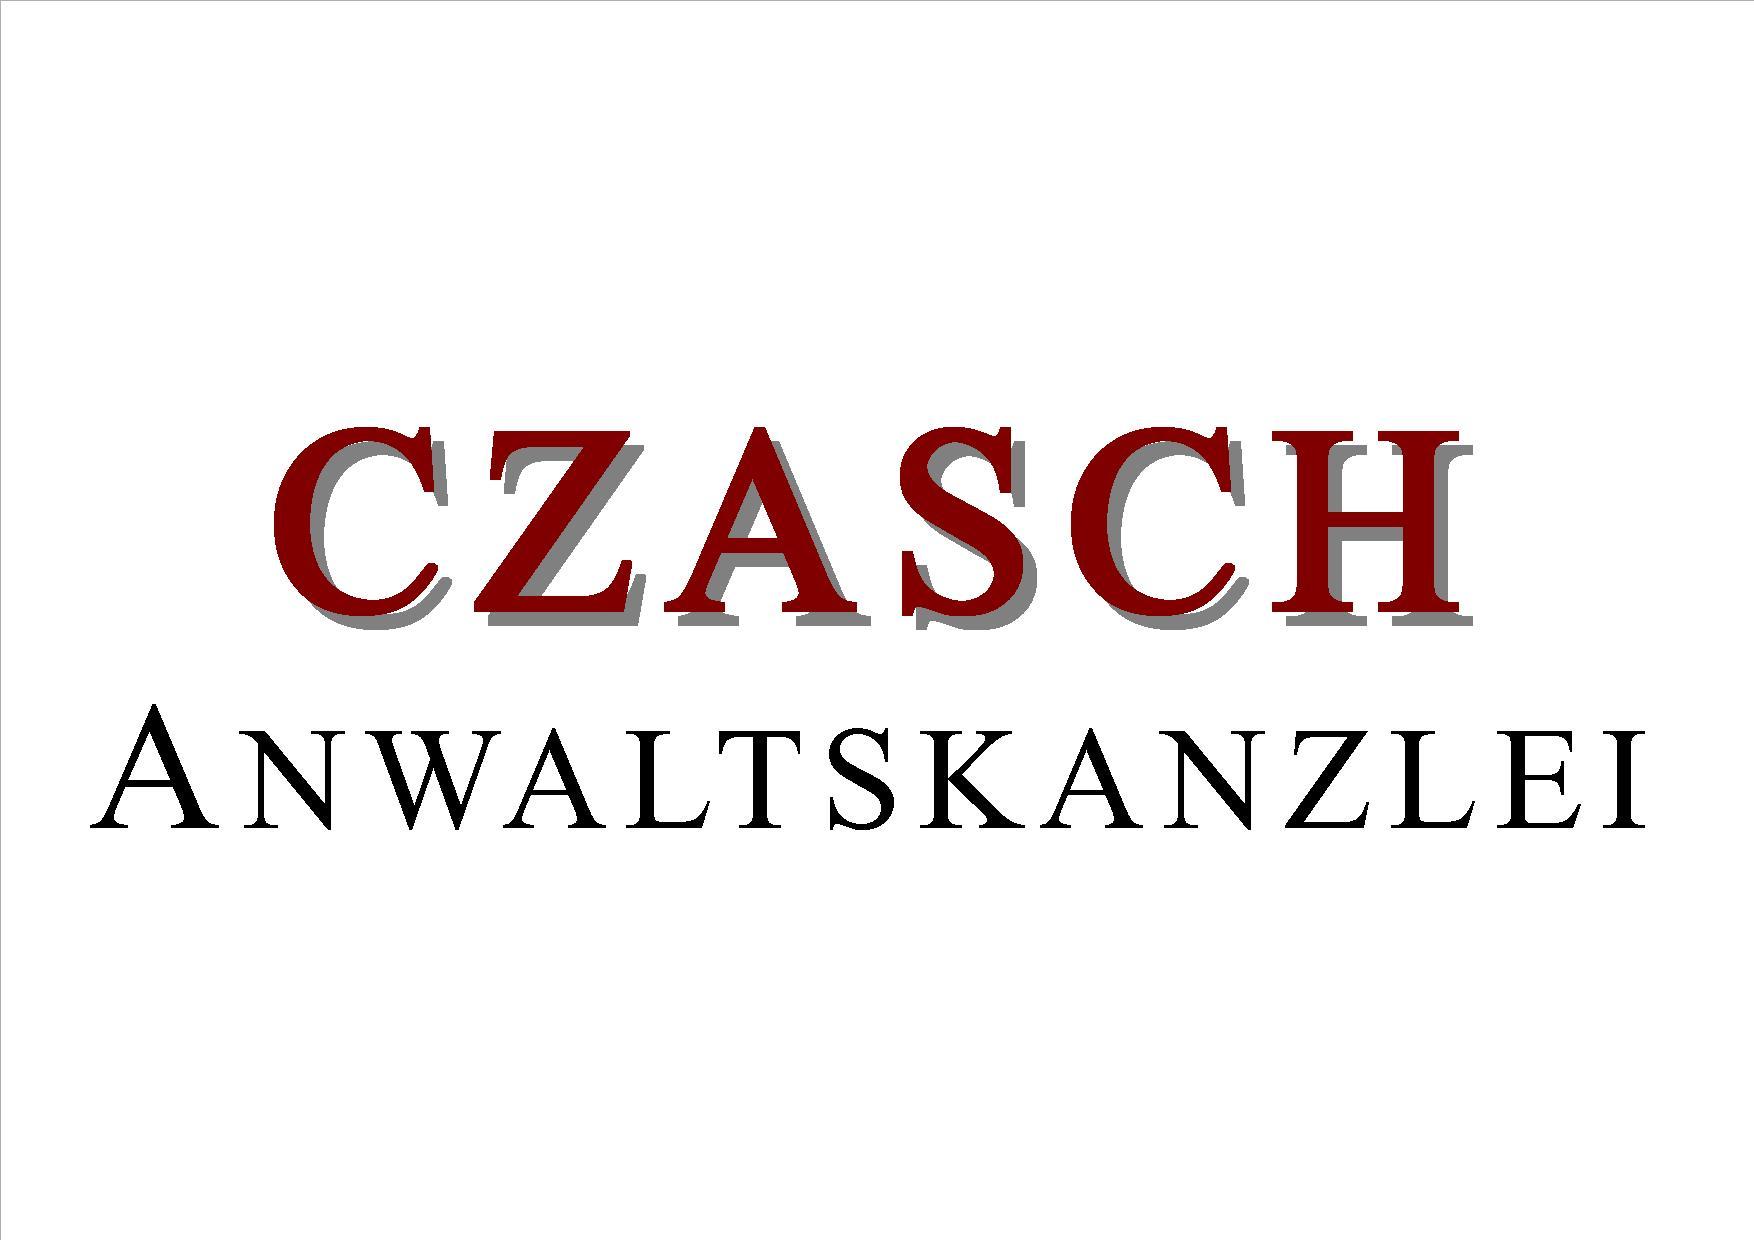 Anwaltskanzlei Czasch